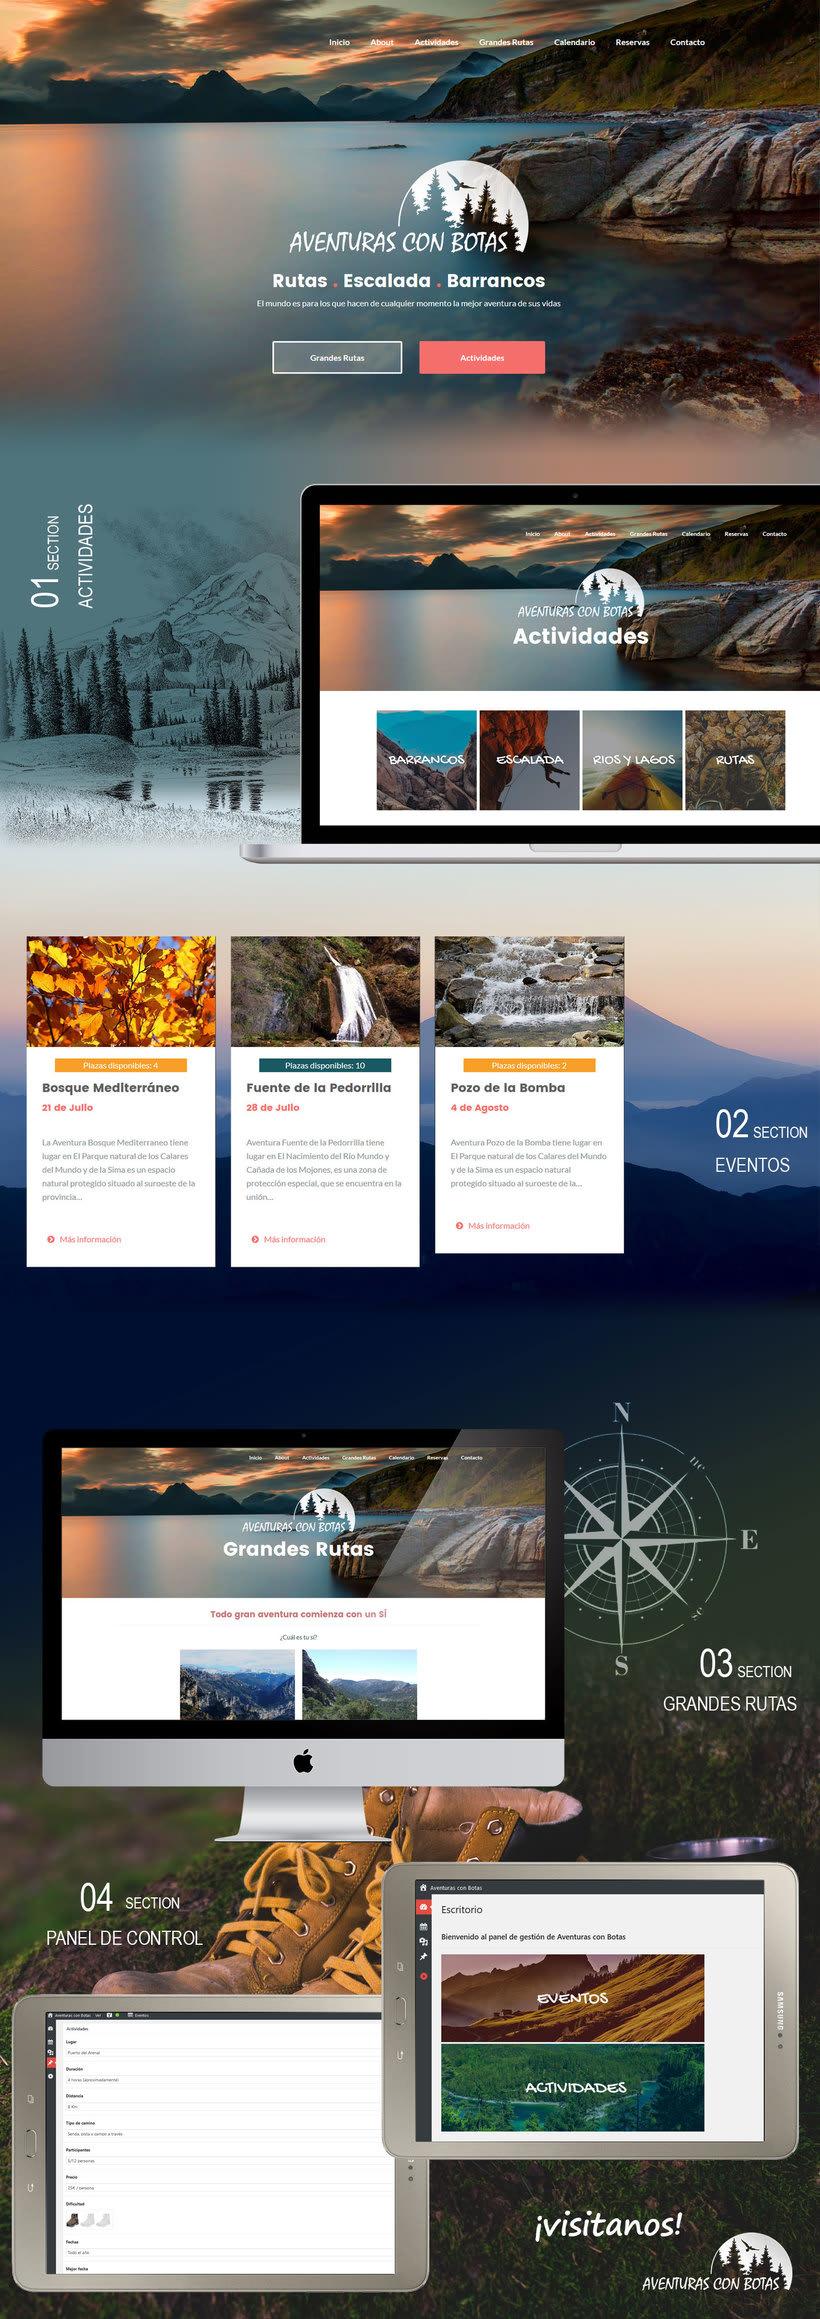 Logotipo y Diseño Web - Aventuras con Botas 1